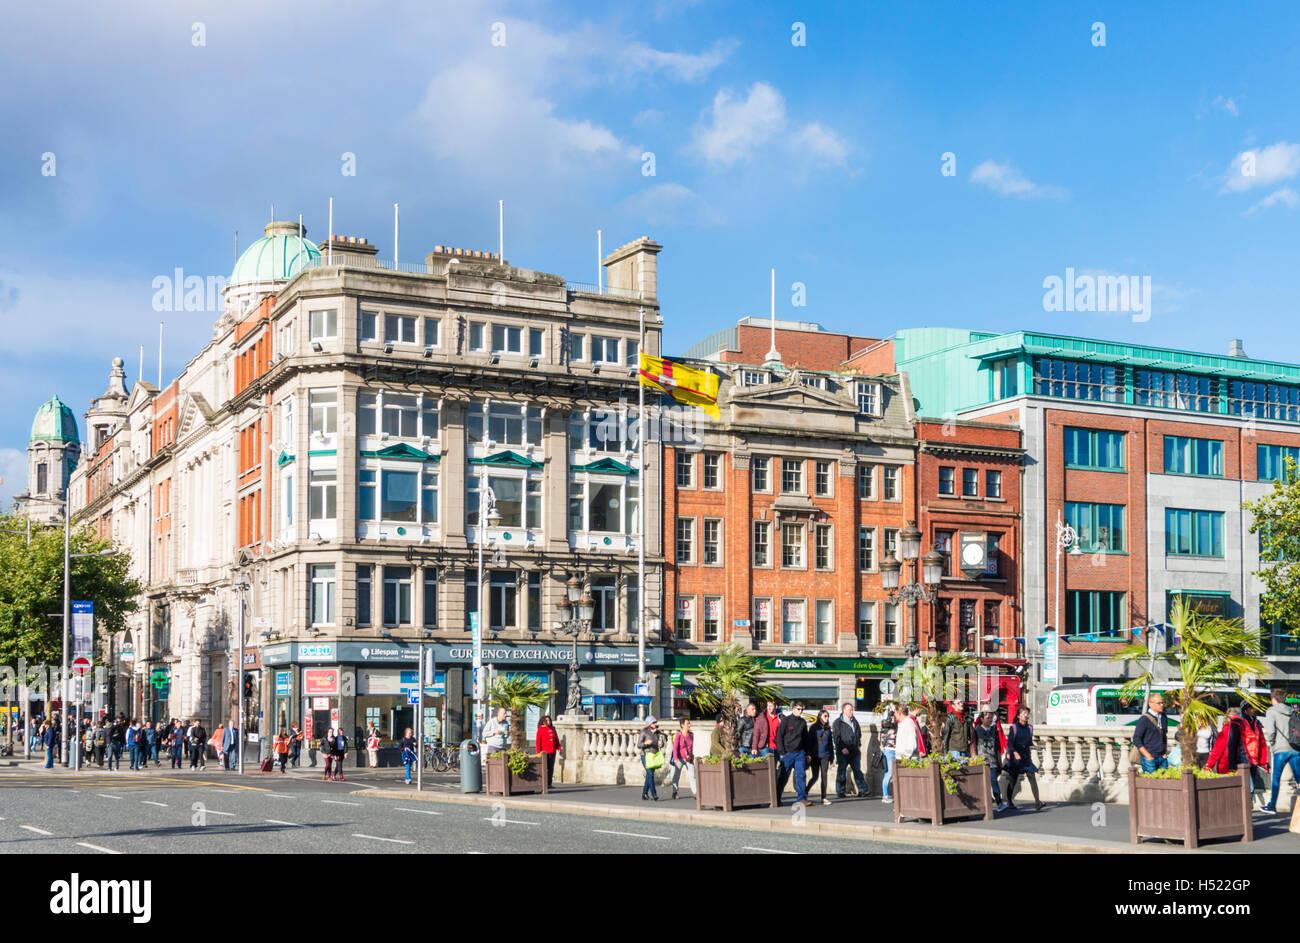 O'Connell Bridge City Centre Dublin Ireland Europe EU - Stock Image